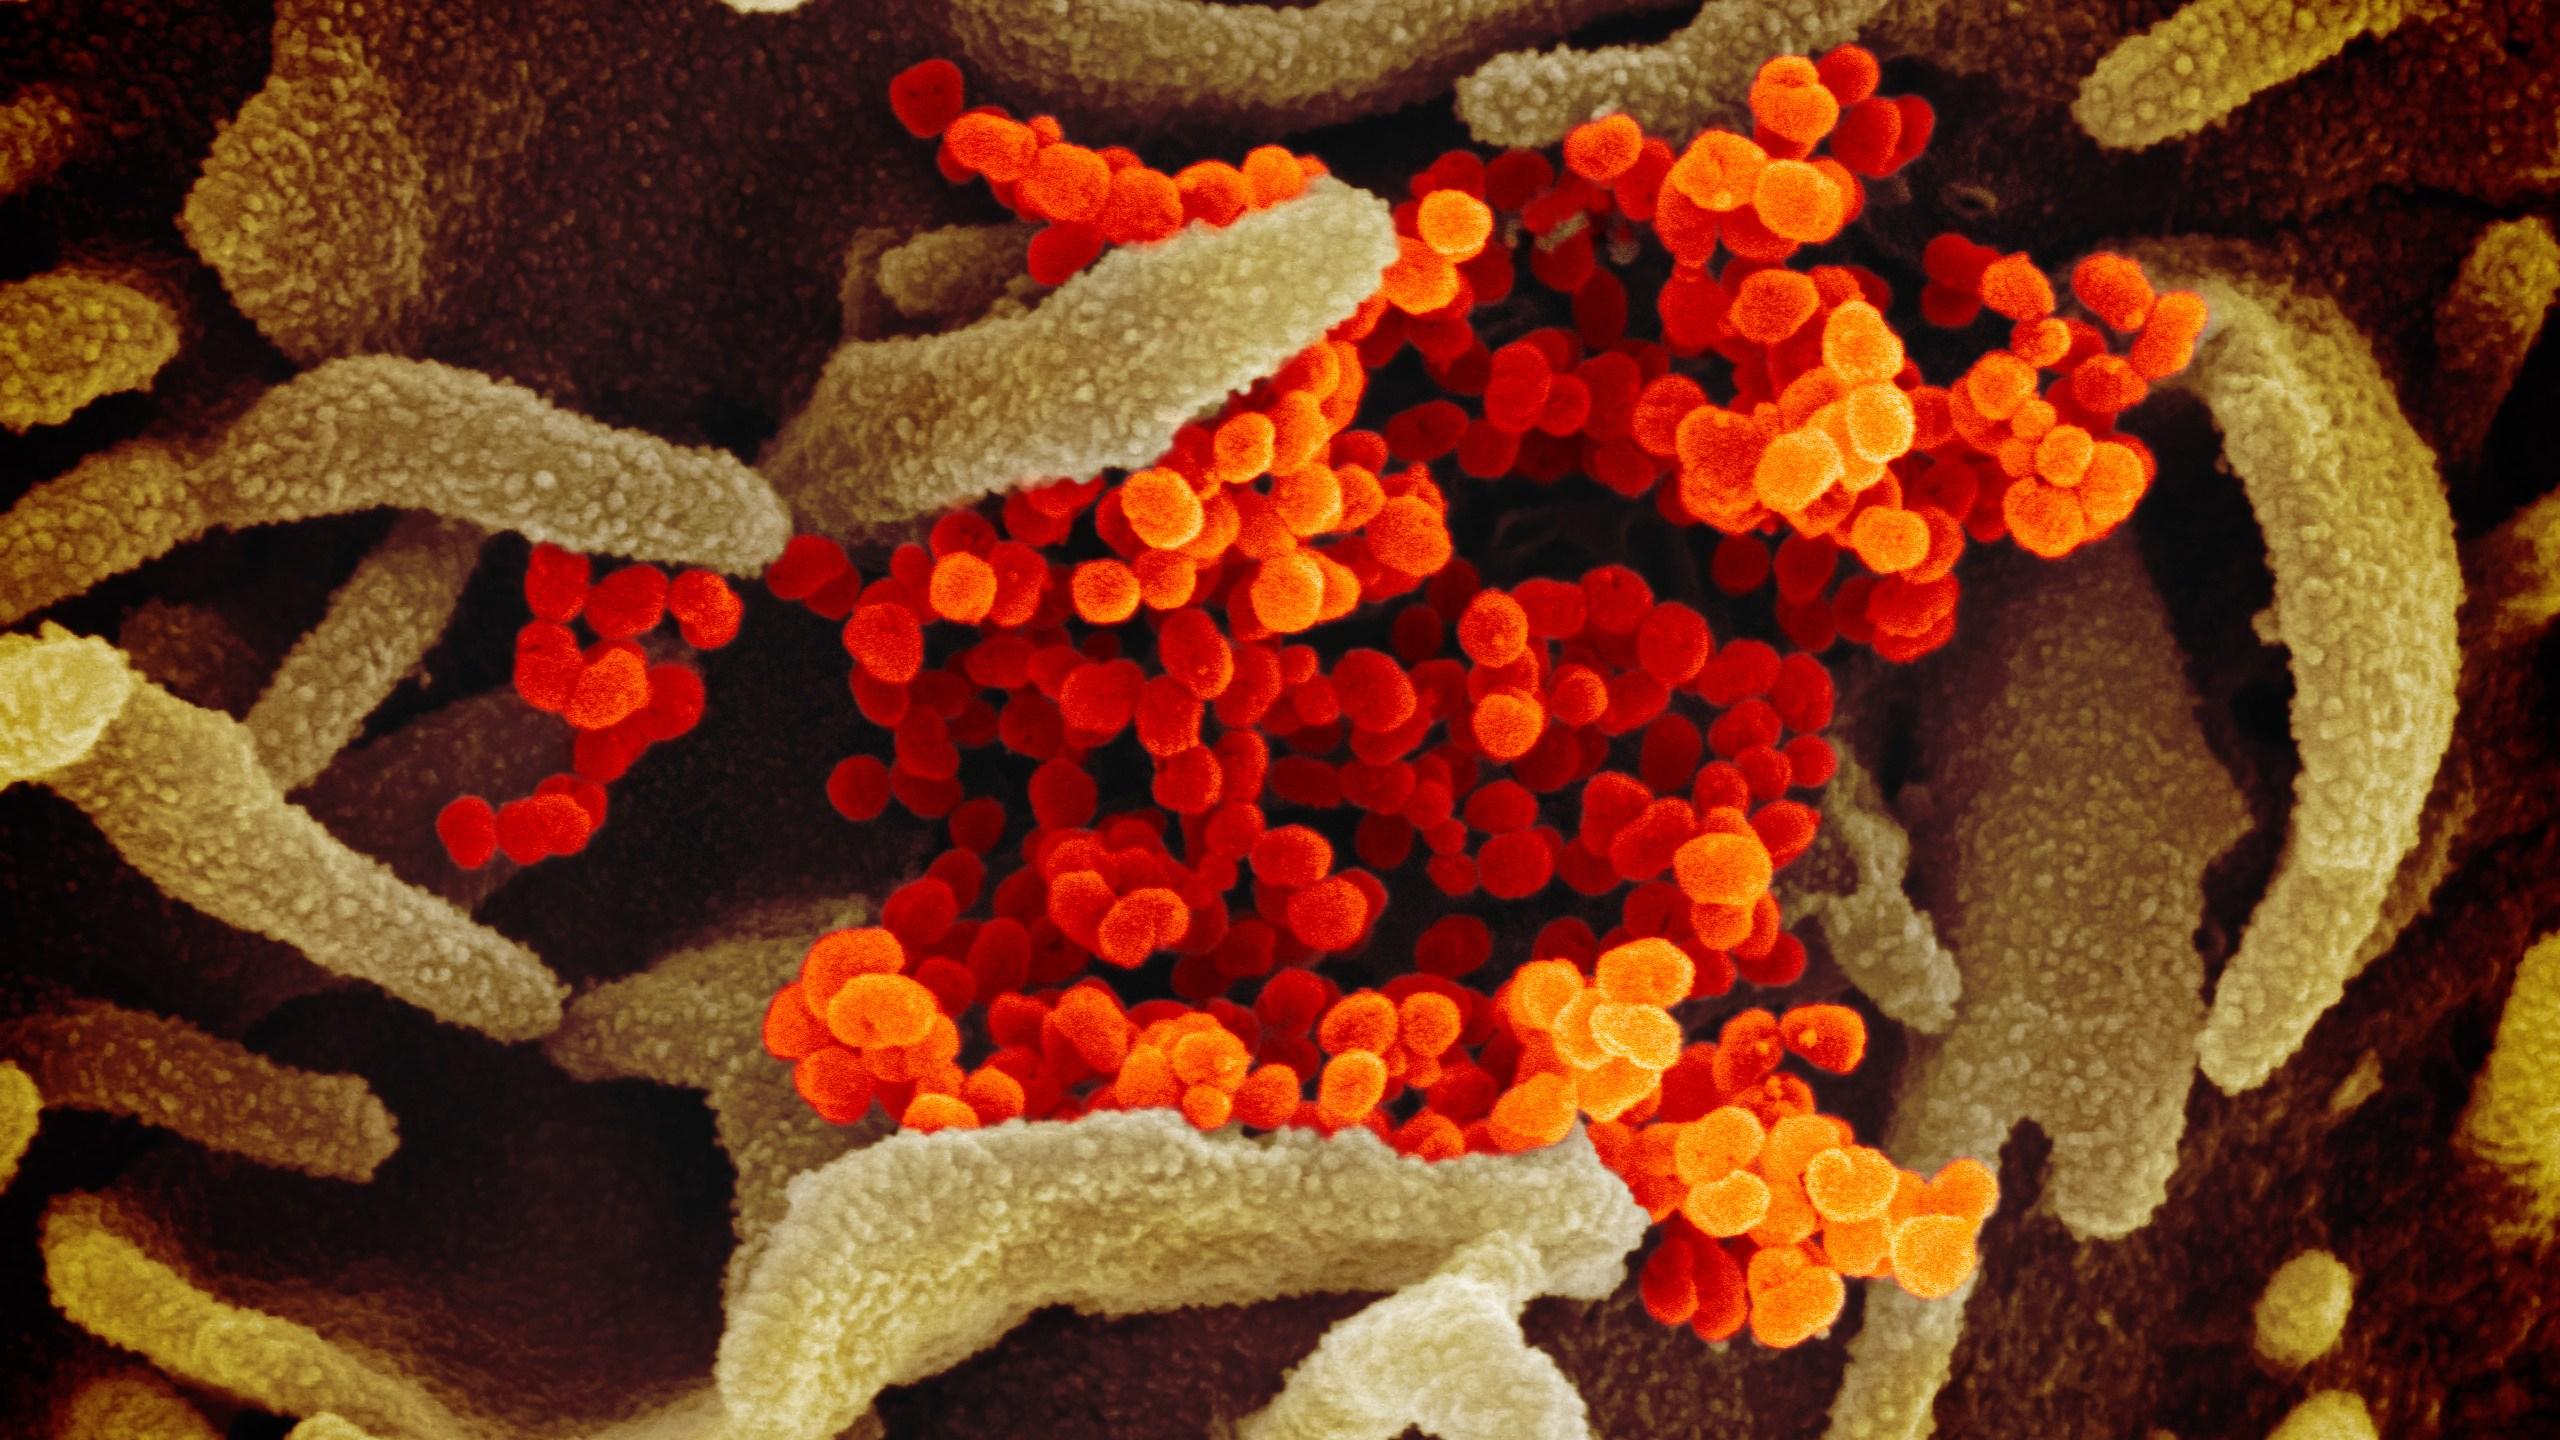 Coronavirus (NIAID-RML)